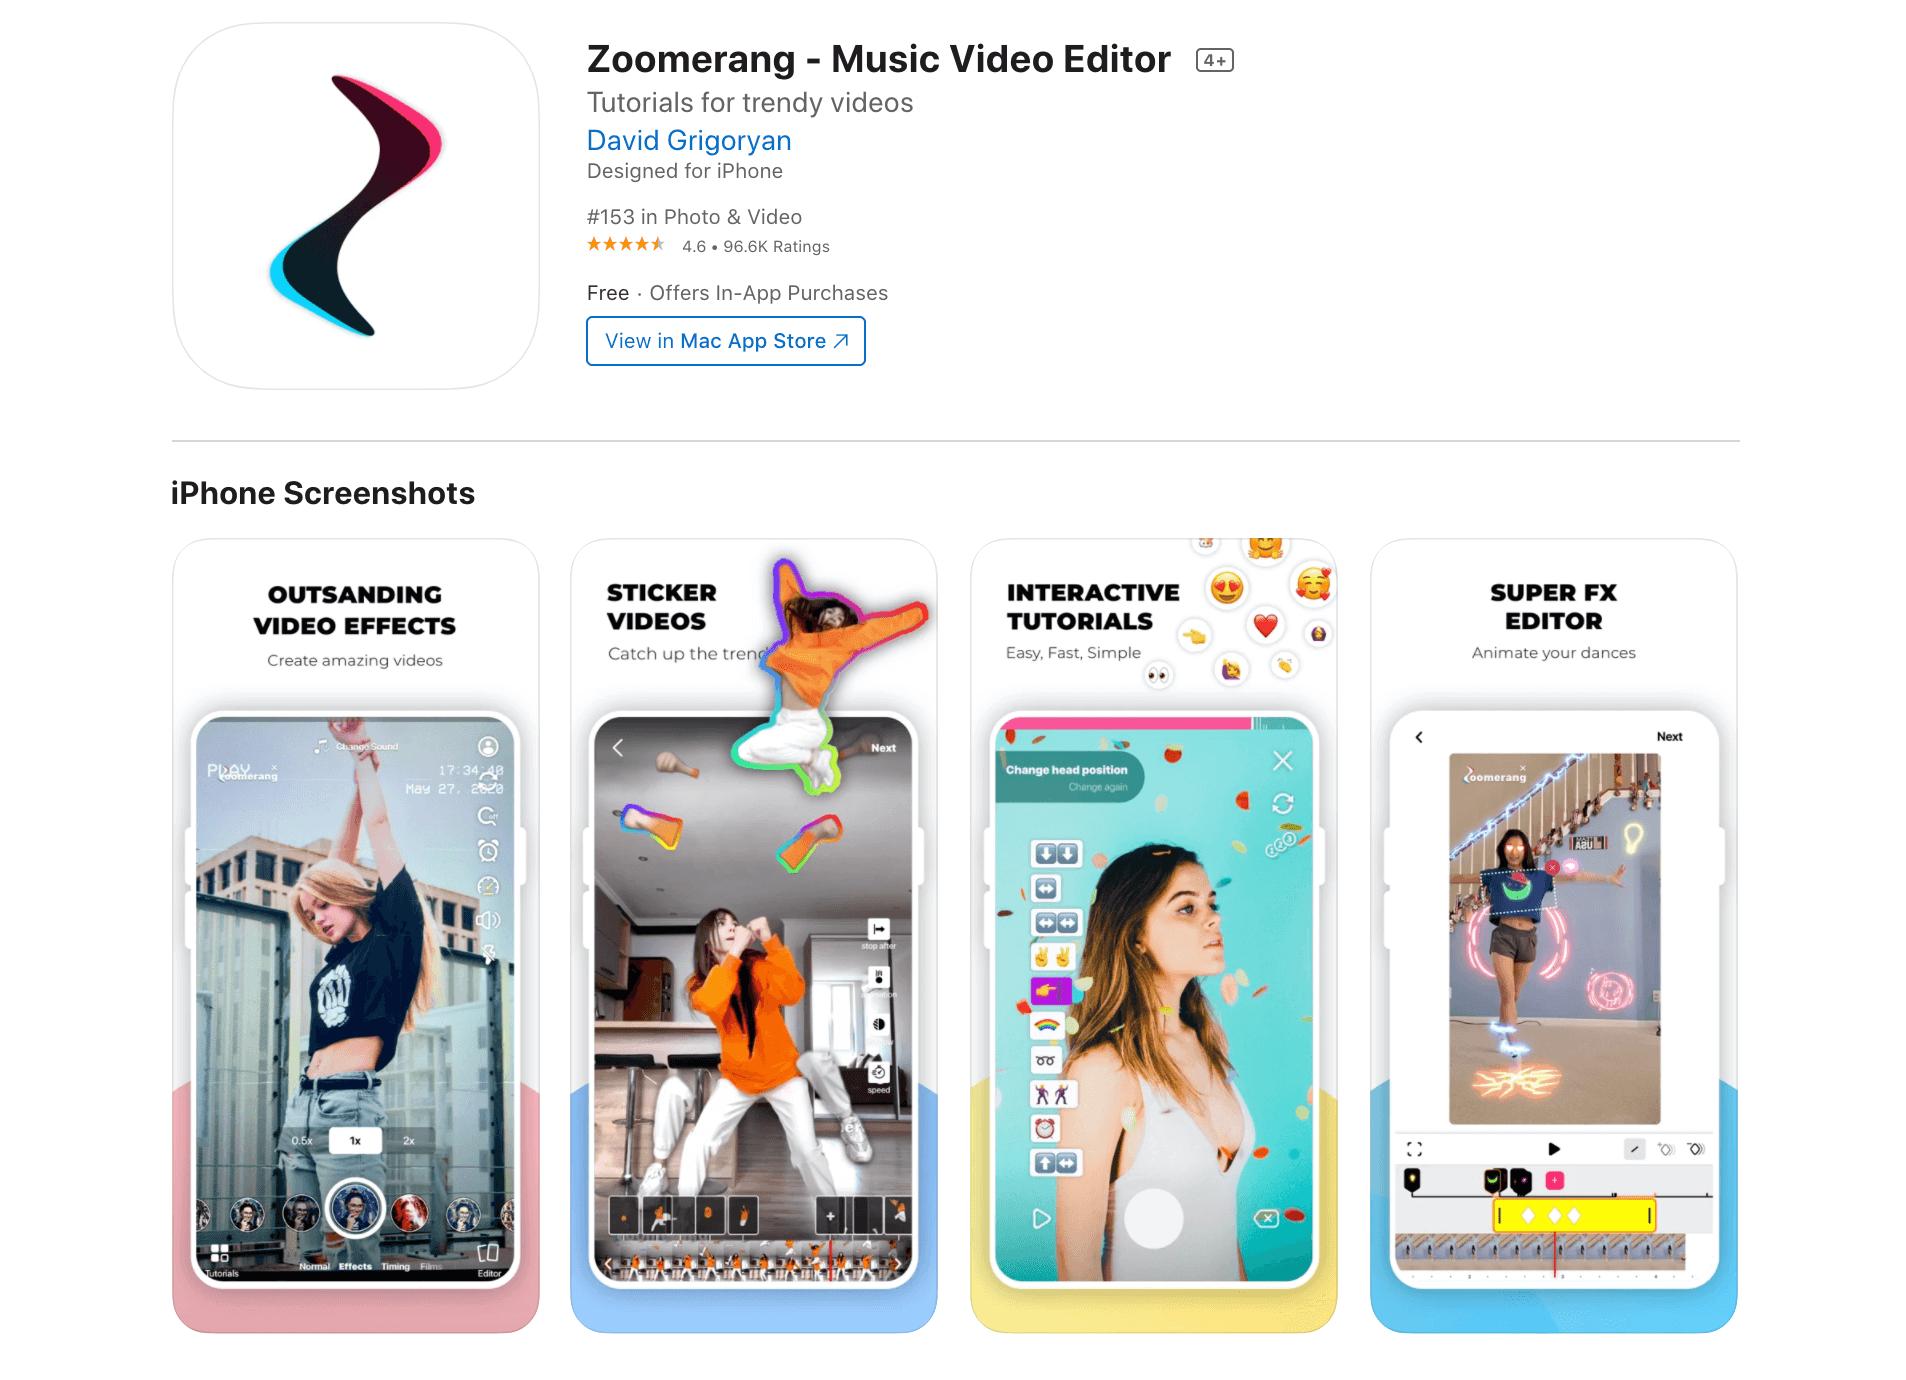 The Zoomerang TikTok video editor.